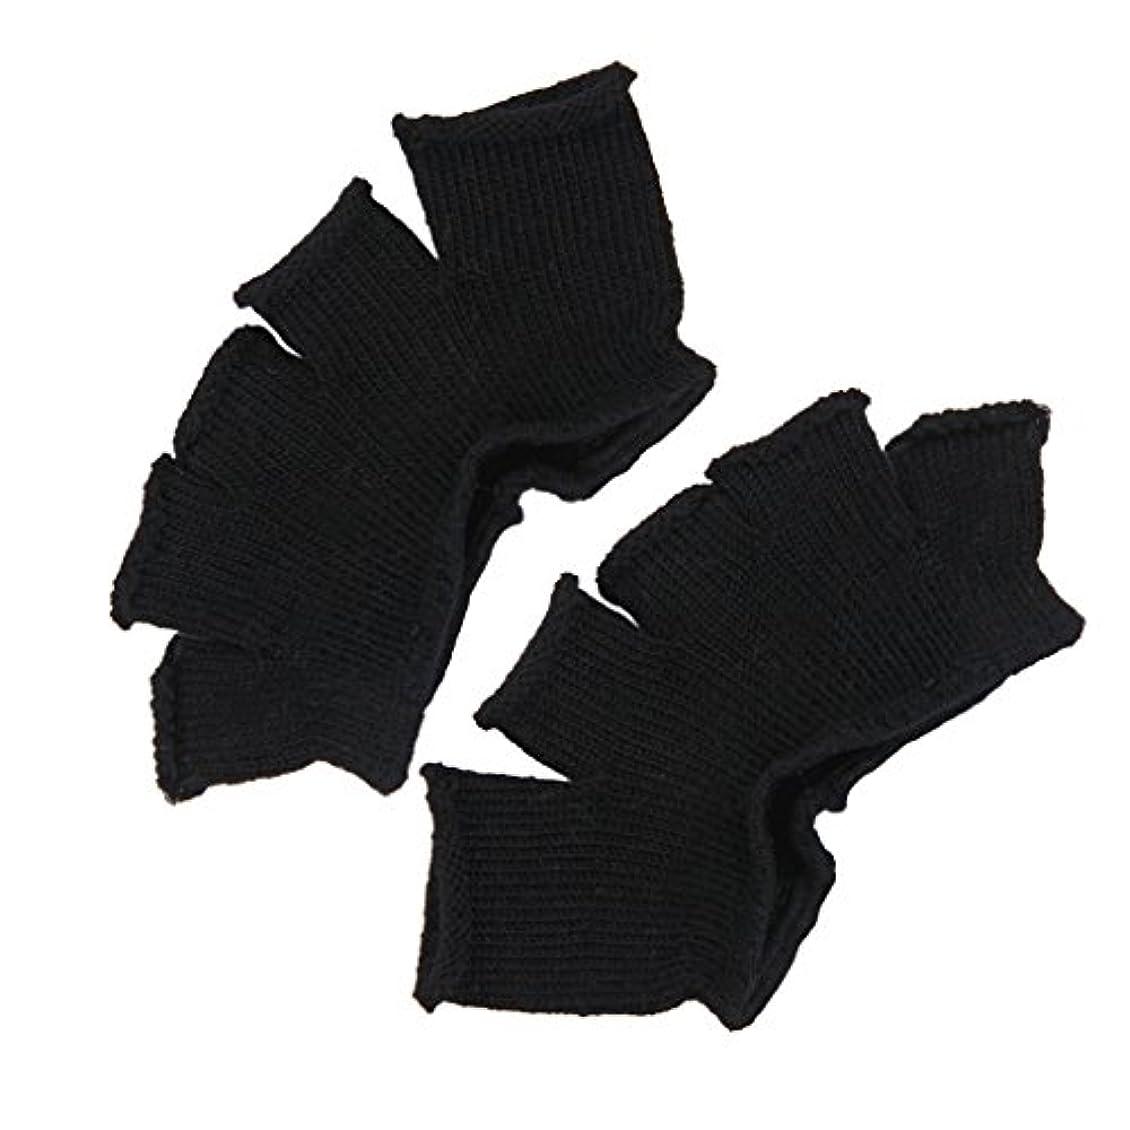 音楽ハッピーサポートFootful 5本指カバー 爽快指の間カバー 2枚組 男女兼用 足の臭い対策 抗菌 防臭 フットカバー (ブラック)